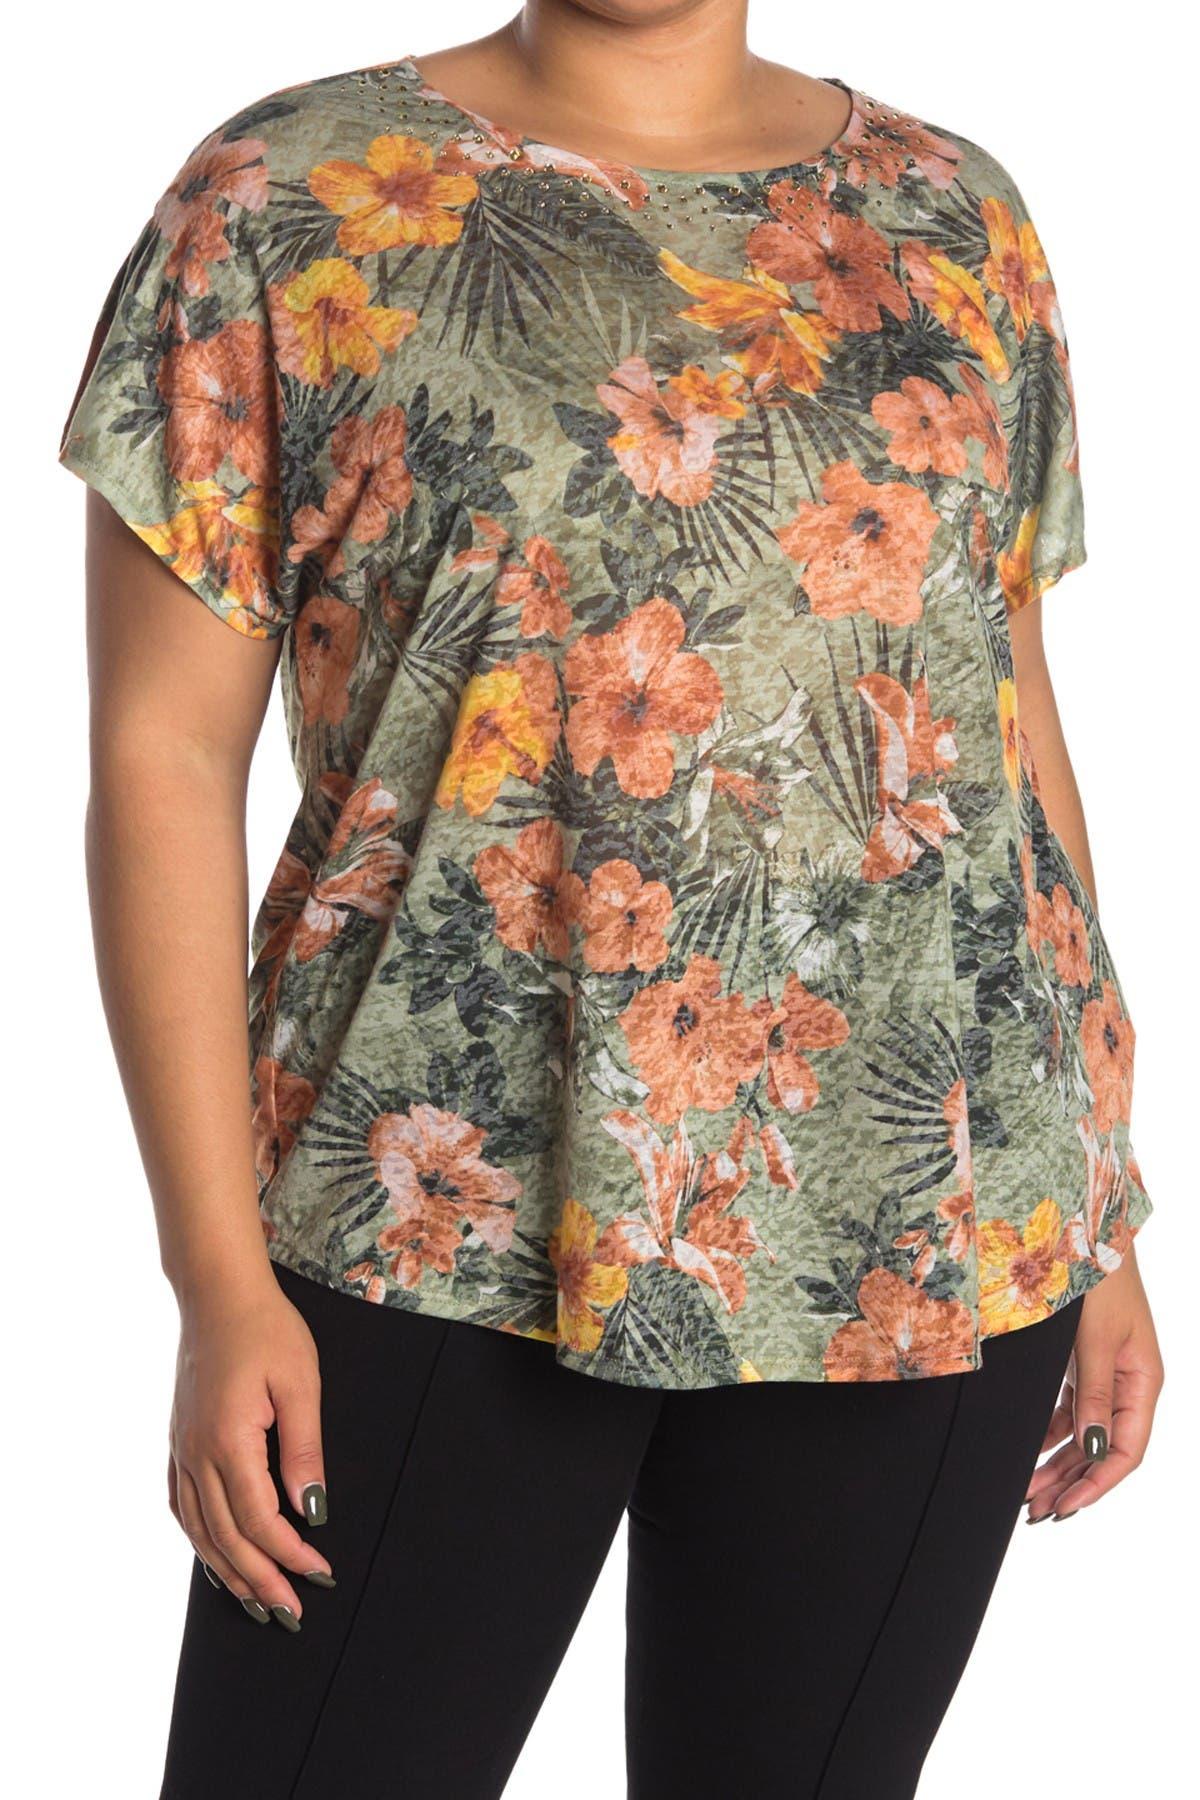 Image of Ruby Rd Summer Botanical Embellished Top